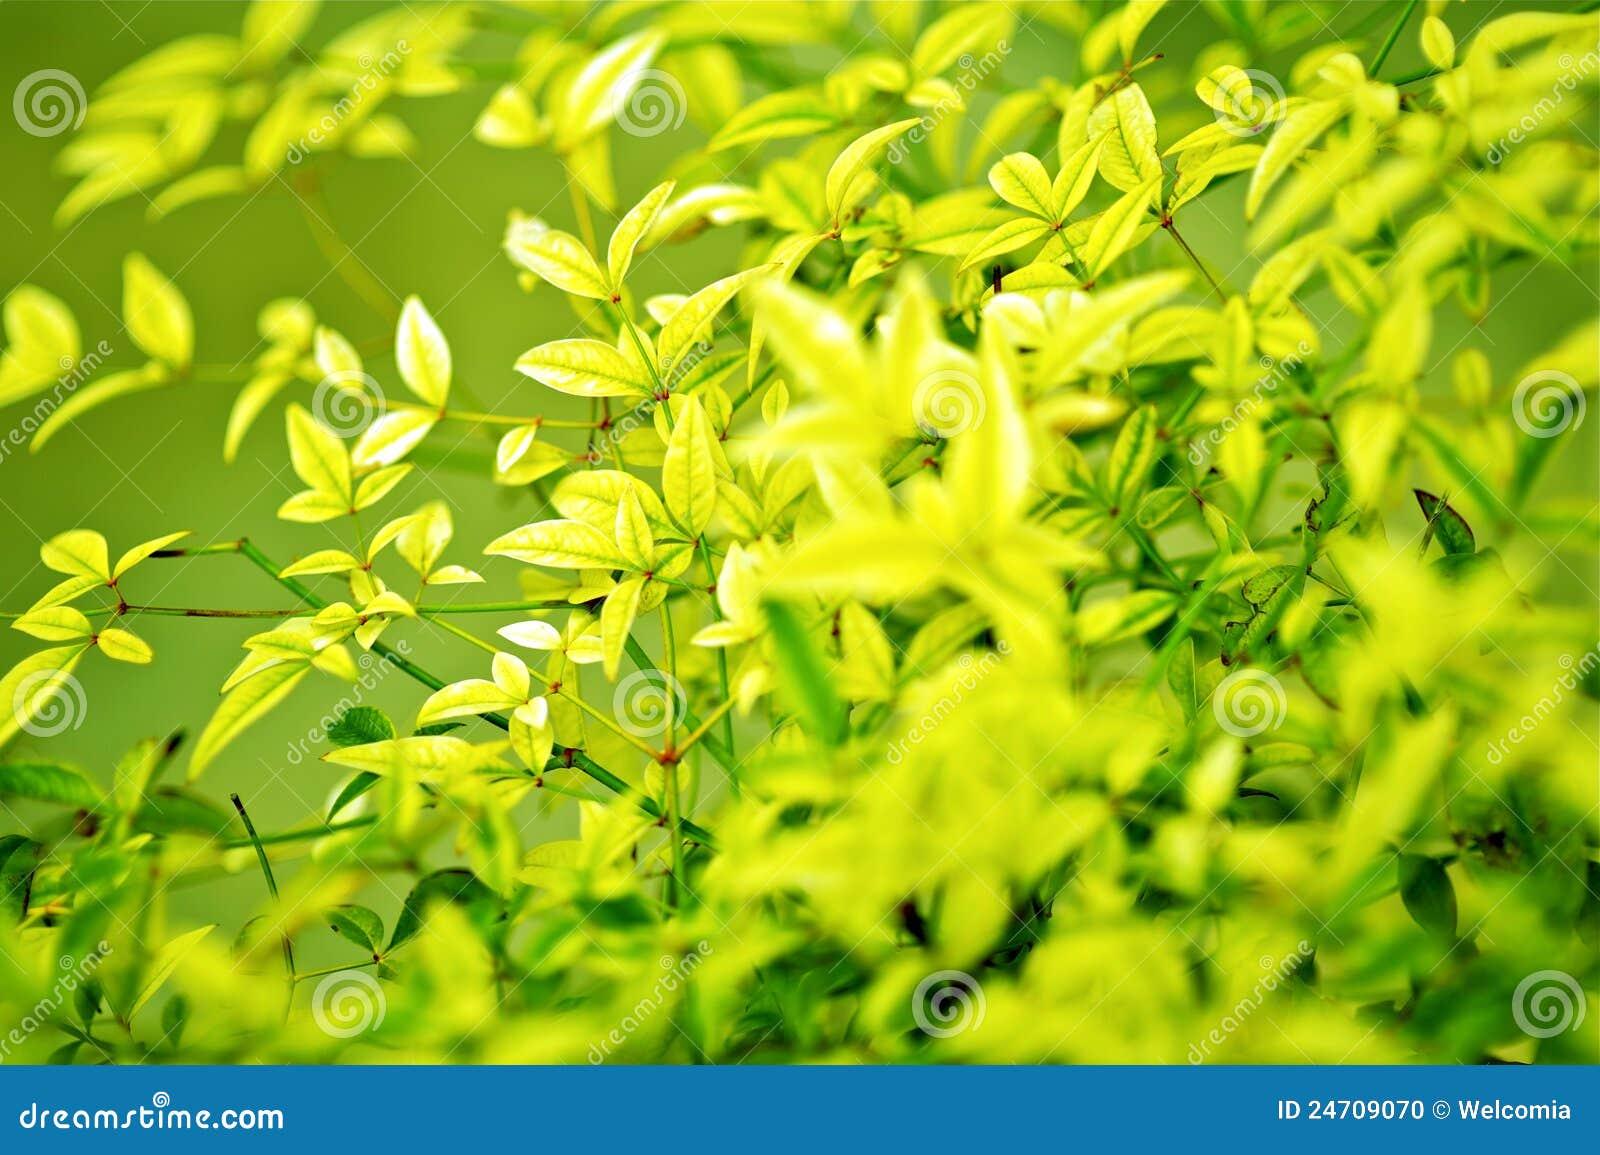 Priorità bassa verde di Leafes